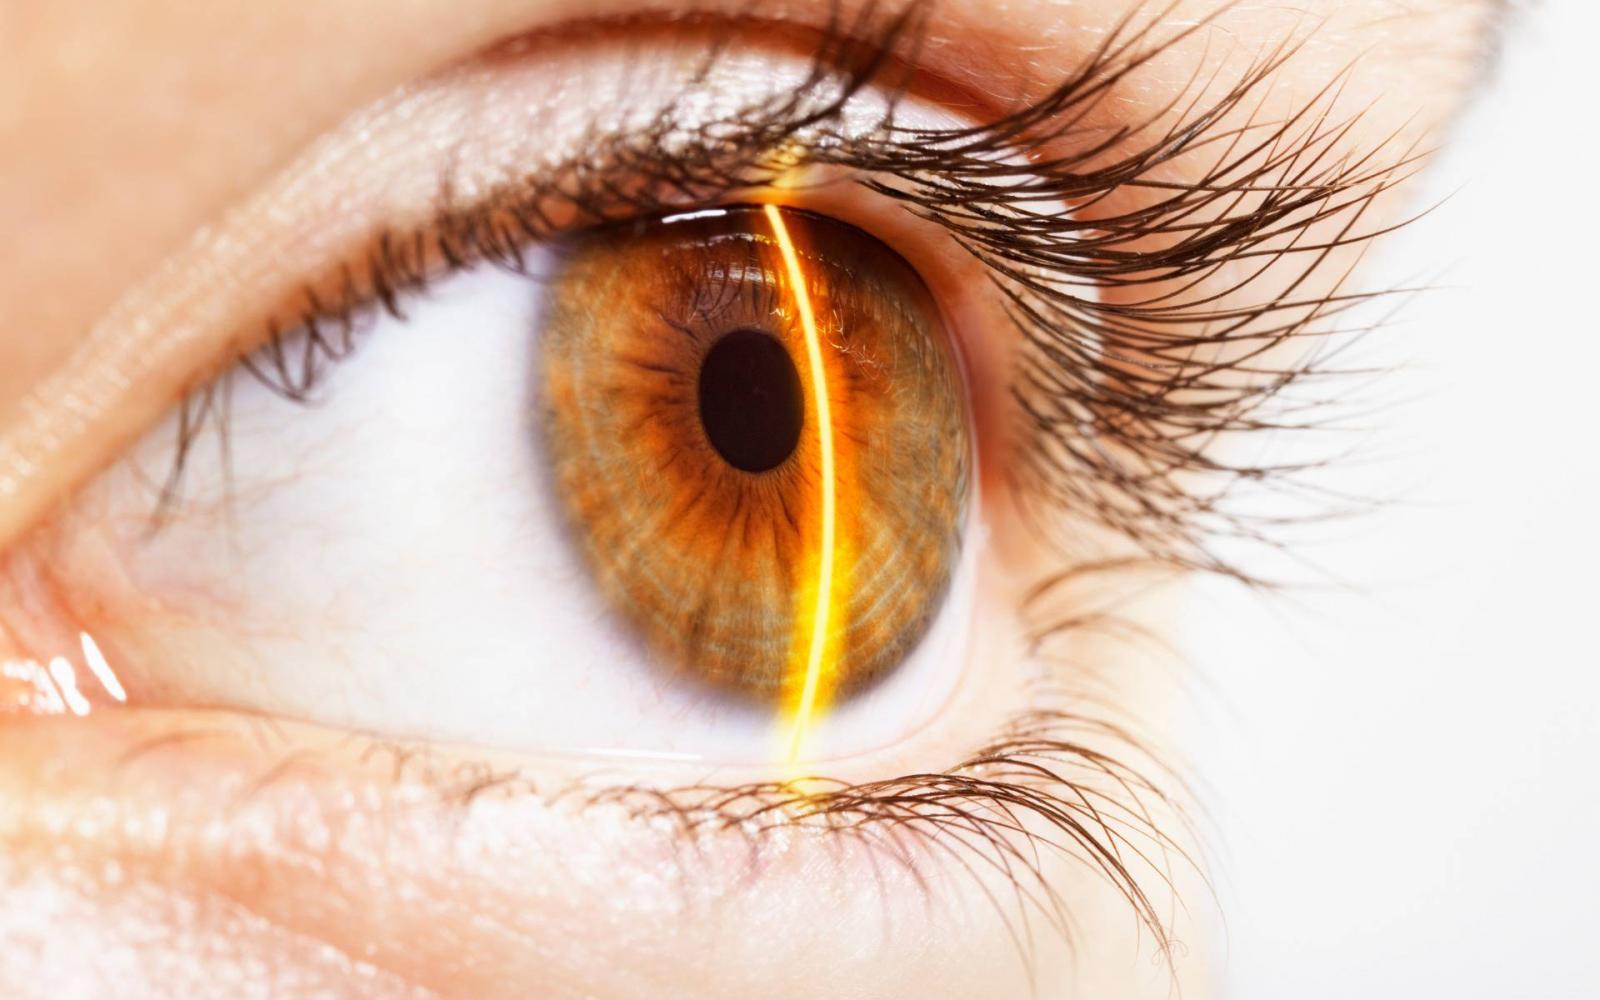 Ha ezeket látod a szemeden, azonnal menj orvoshoz